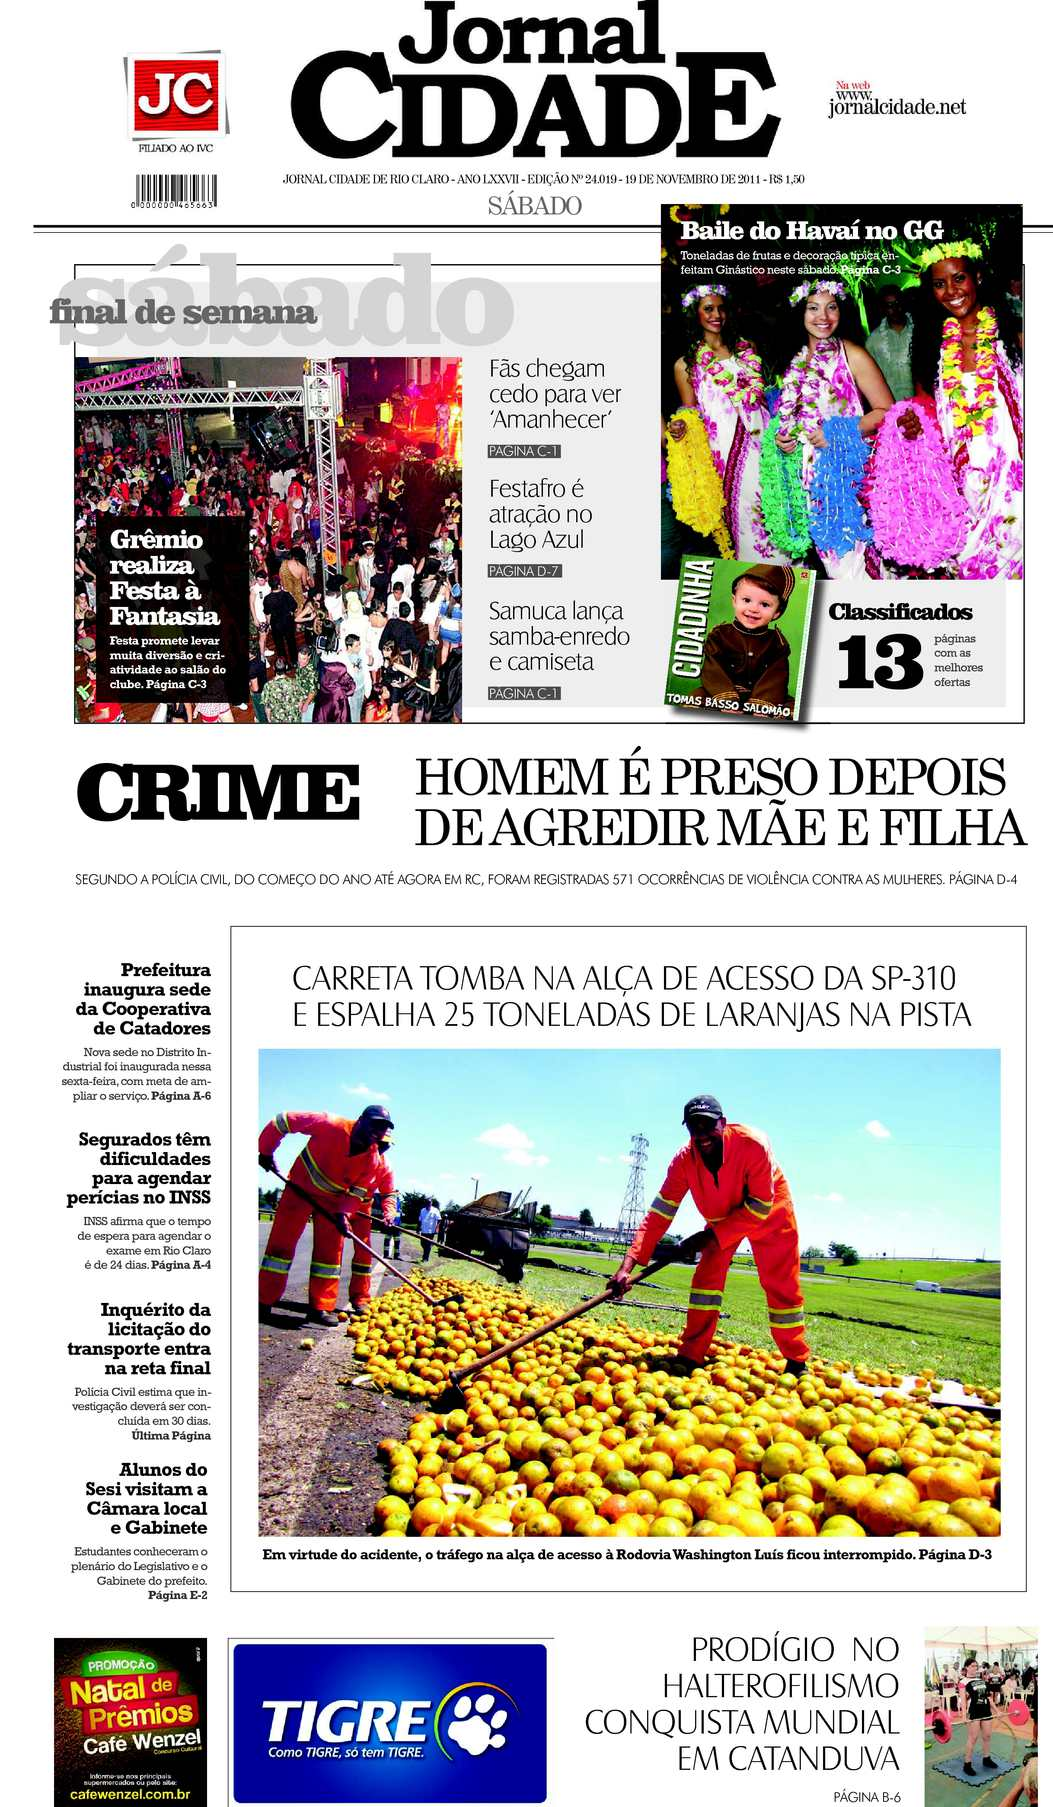 Calaméo - 19112011 ece685ad7770c